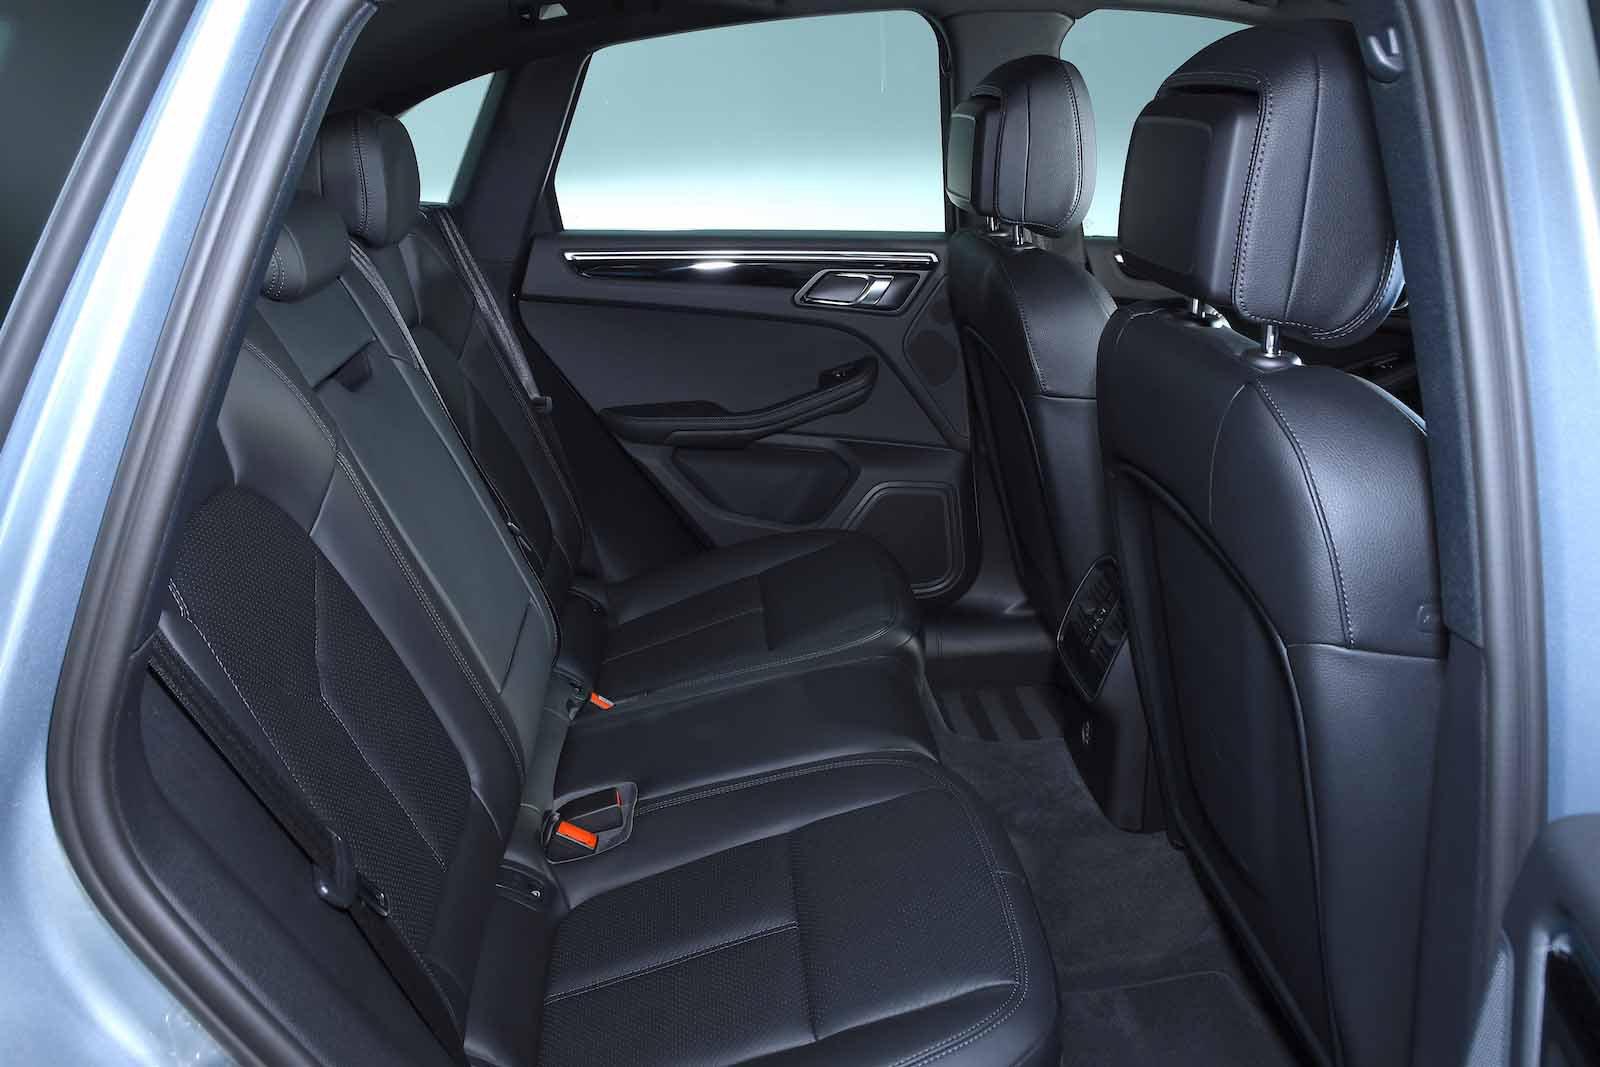 2019 Porsche Macan RHD rear seats